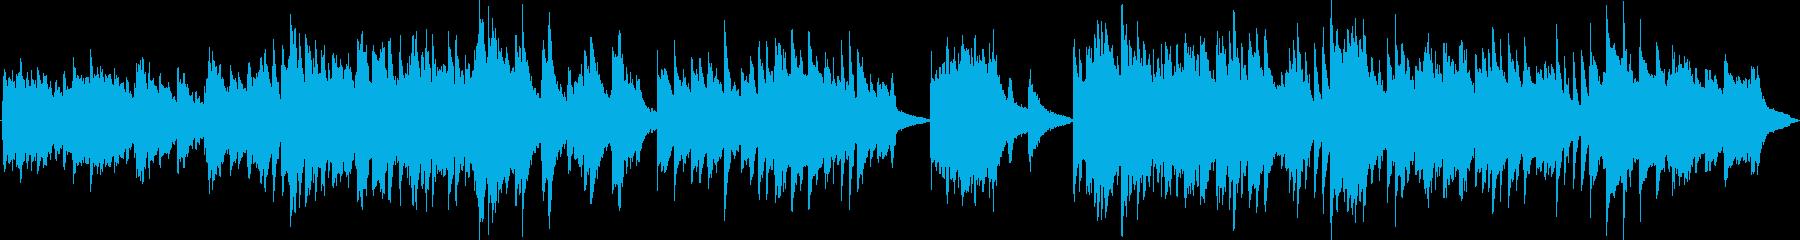 ピアノ生演奏/Xmas・キラキラ・雪・海の再生済みの波形